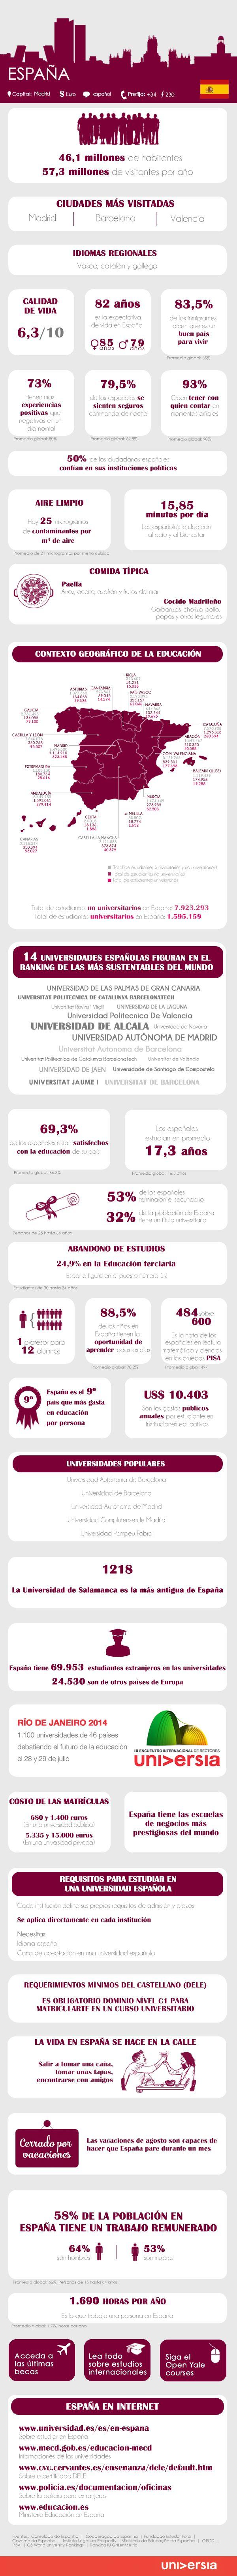 Infografía: 30 elementos a considerar antes de instalarte en España por trabajo o estudio vía: http://noticias.universia.net.co